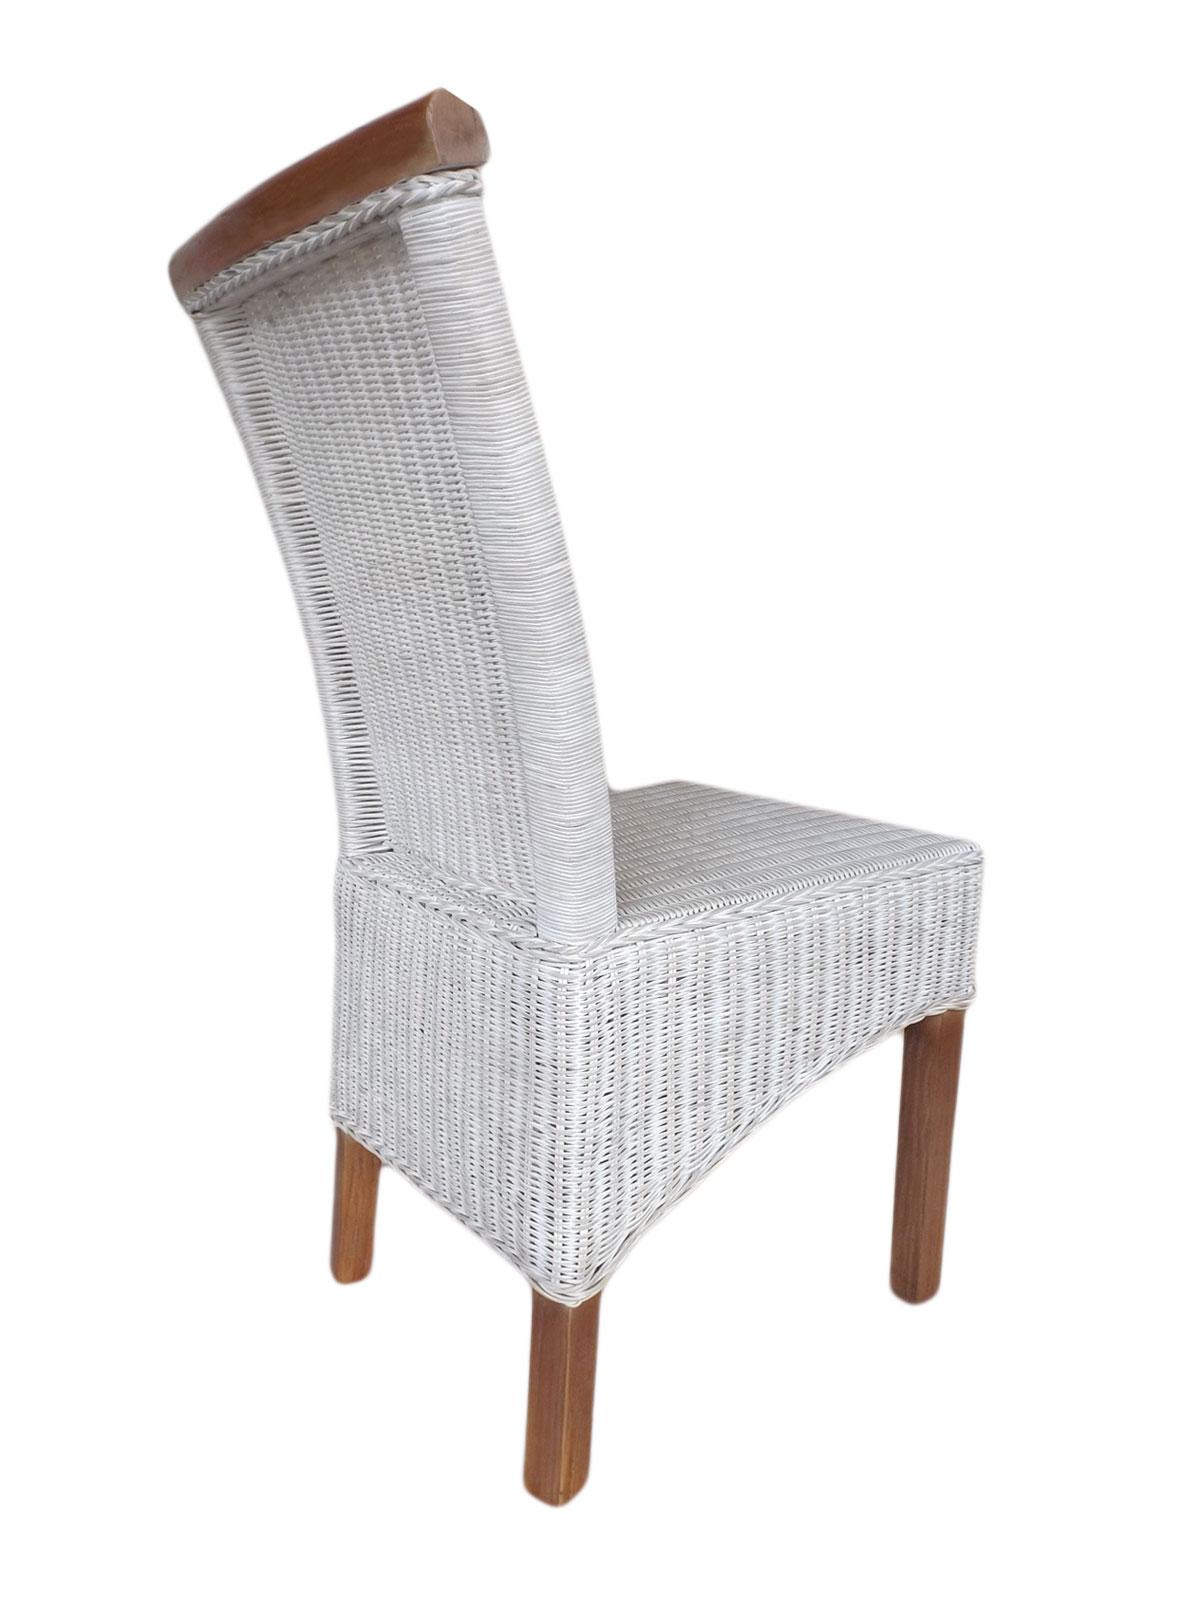 Esszimmer Stühle Set Rattan Stühle Perth 4 Stück Weiß Sitzkissen